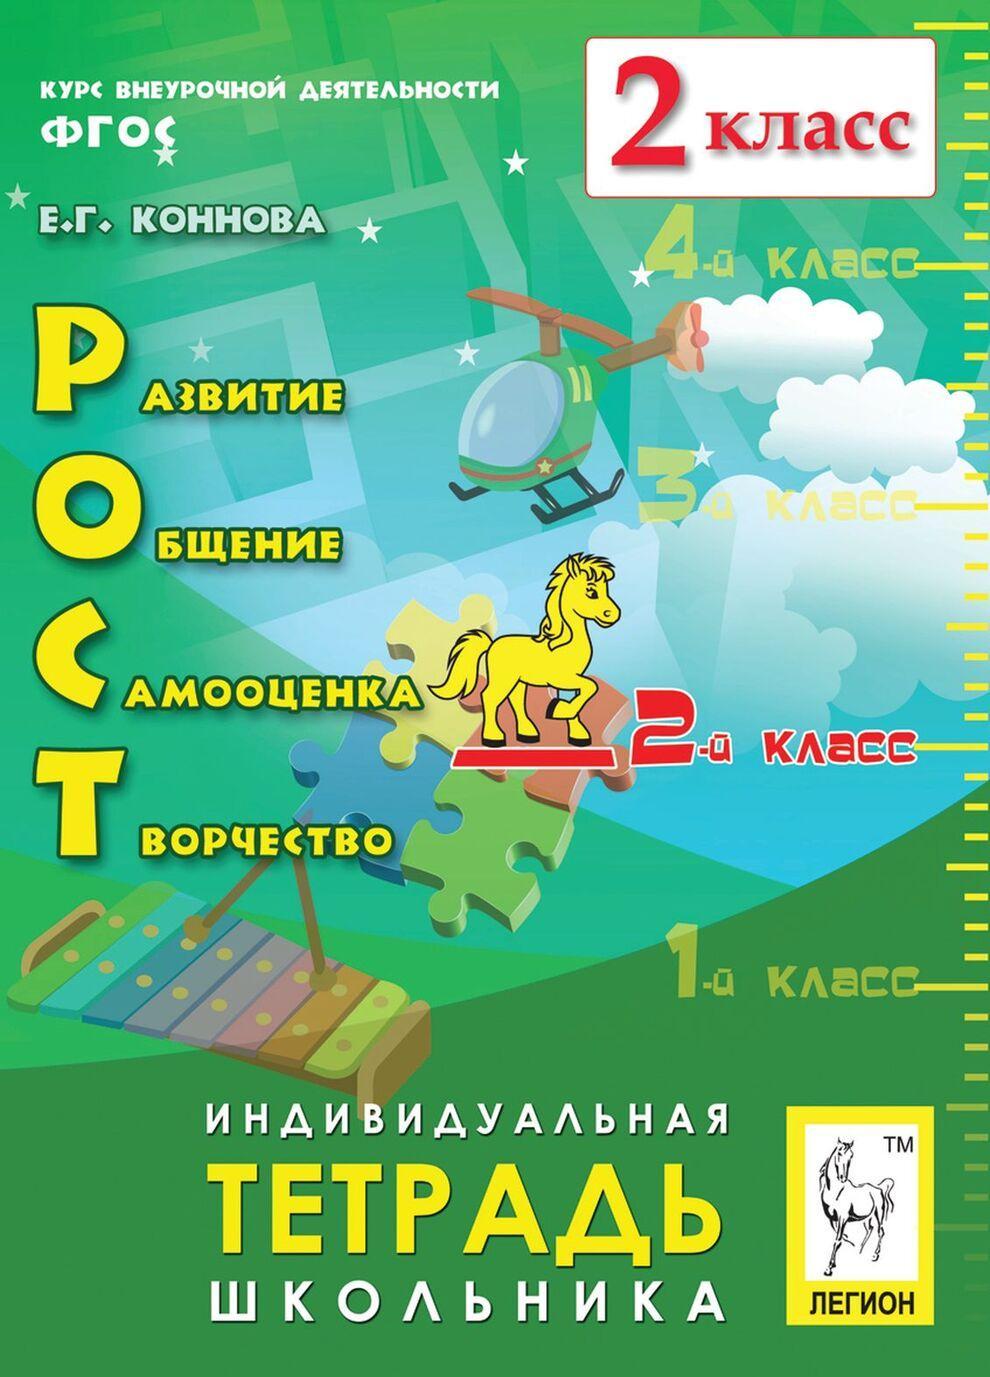 Vneurochnaja dejatelnost. Razvitie, Obschenie, Samootsenka, Tvorchestvo. 2 klass. Tetrad. 5-e izd.